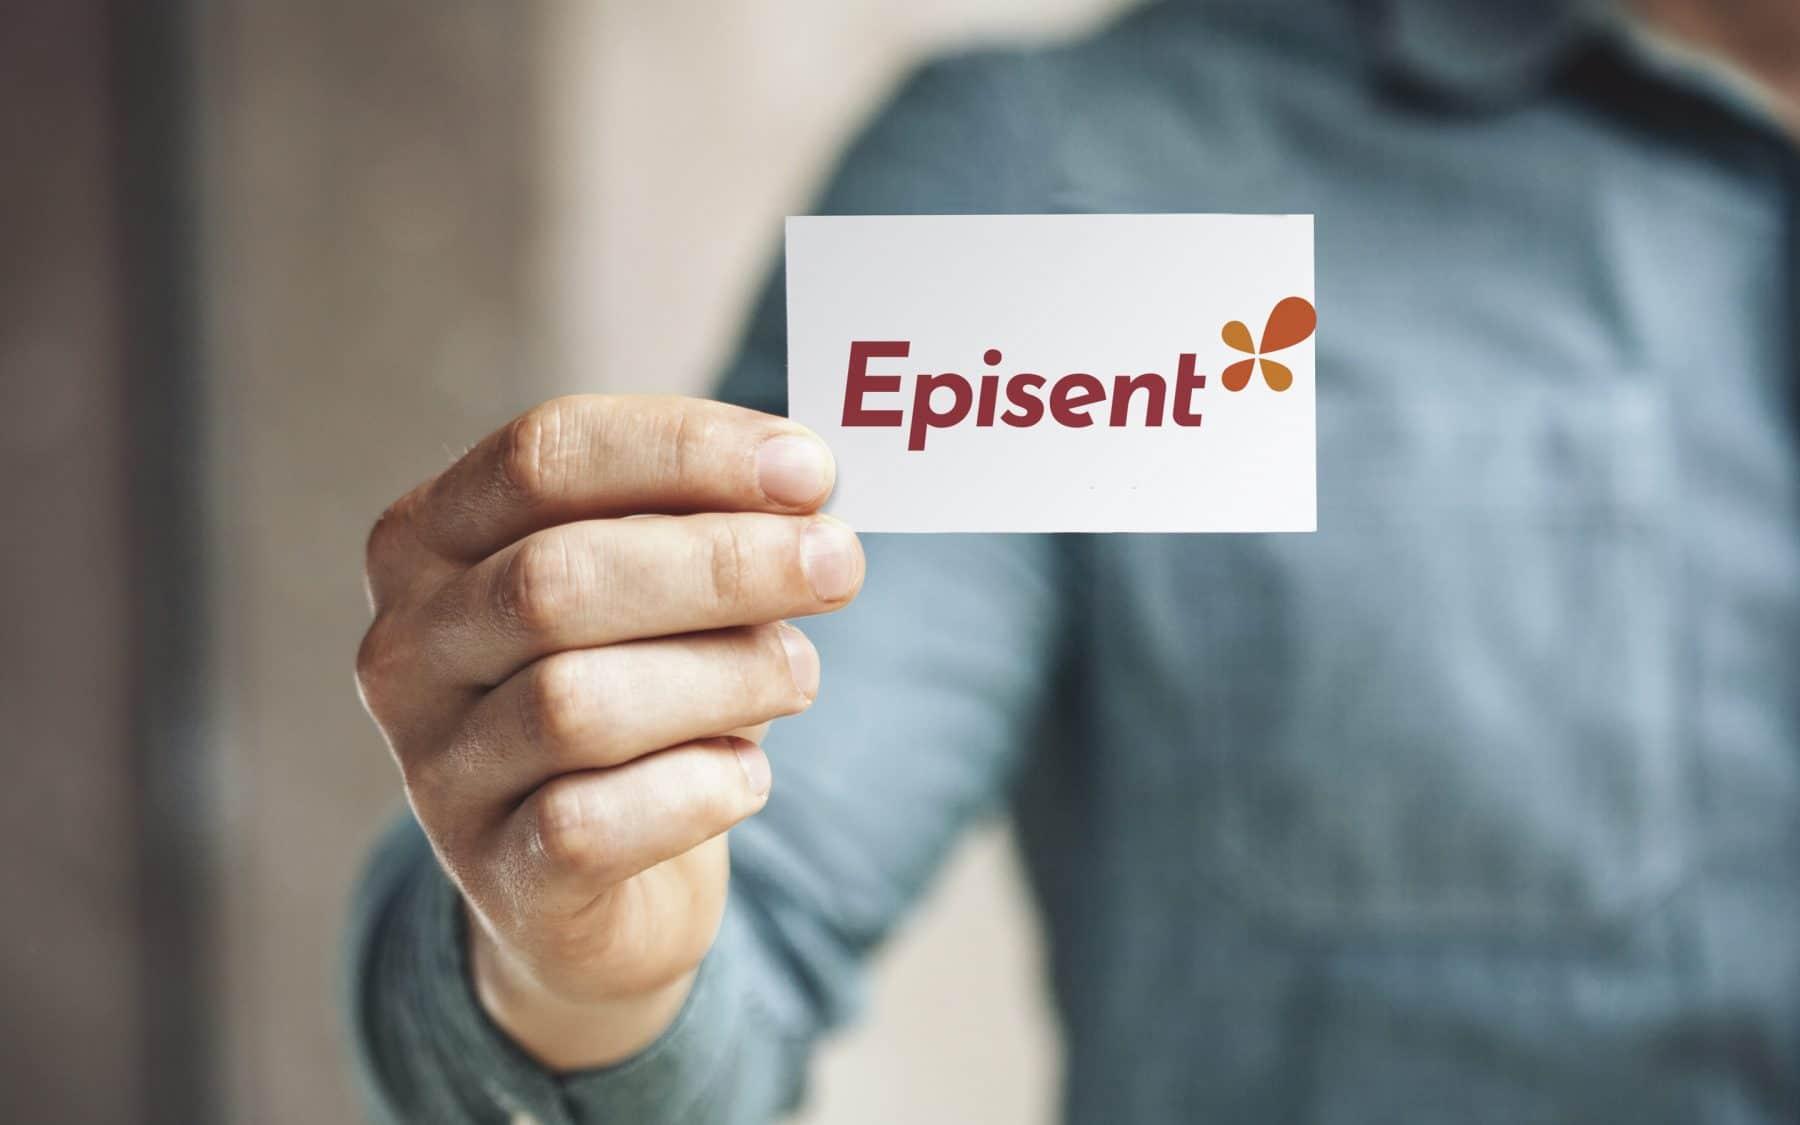 Episent